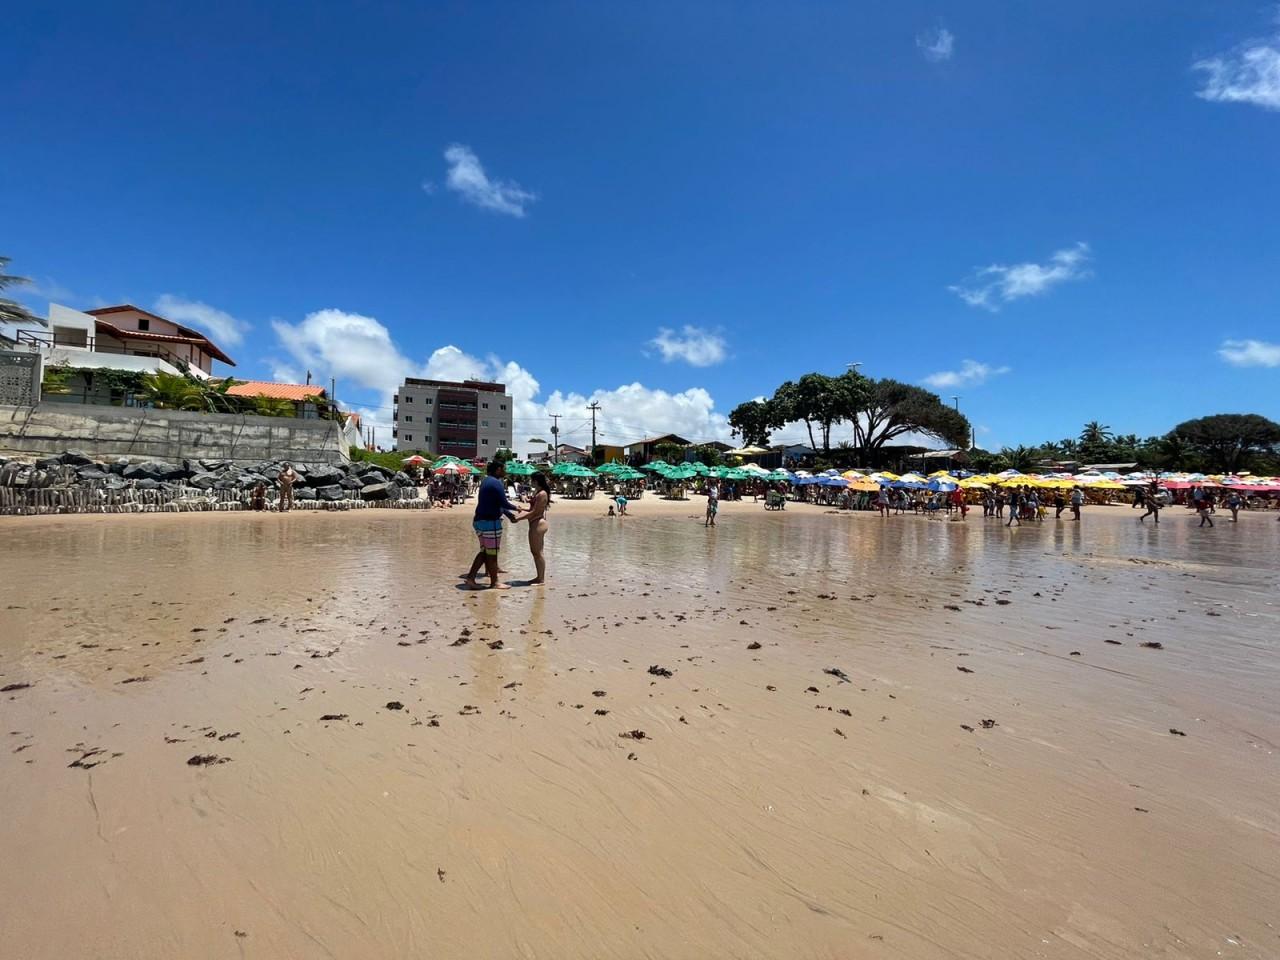 WhatsApp Image 2021 09 07 at 11.12.04 - LONGE DAS MANIFESTAÇÕES: Praias de JP registram grande acúmulo de pessoas neste feriado